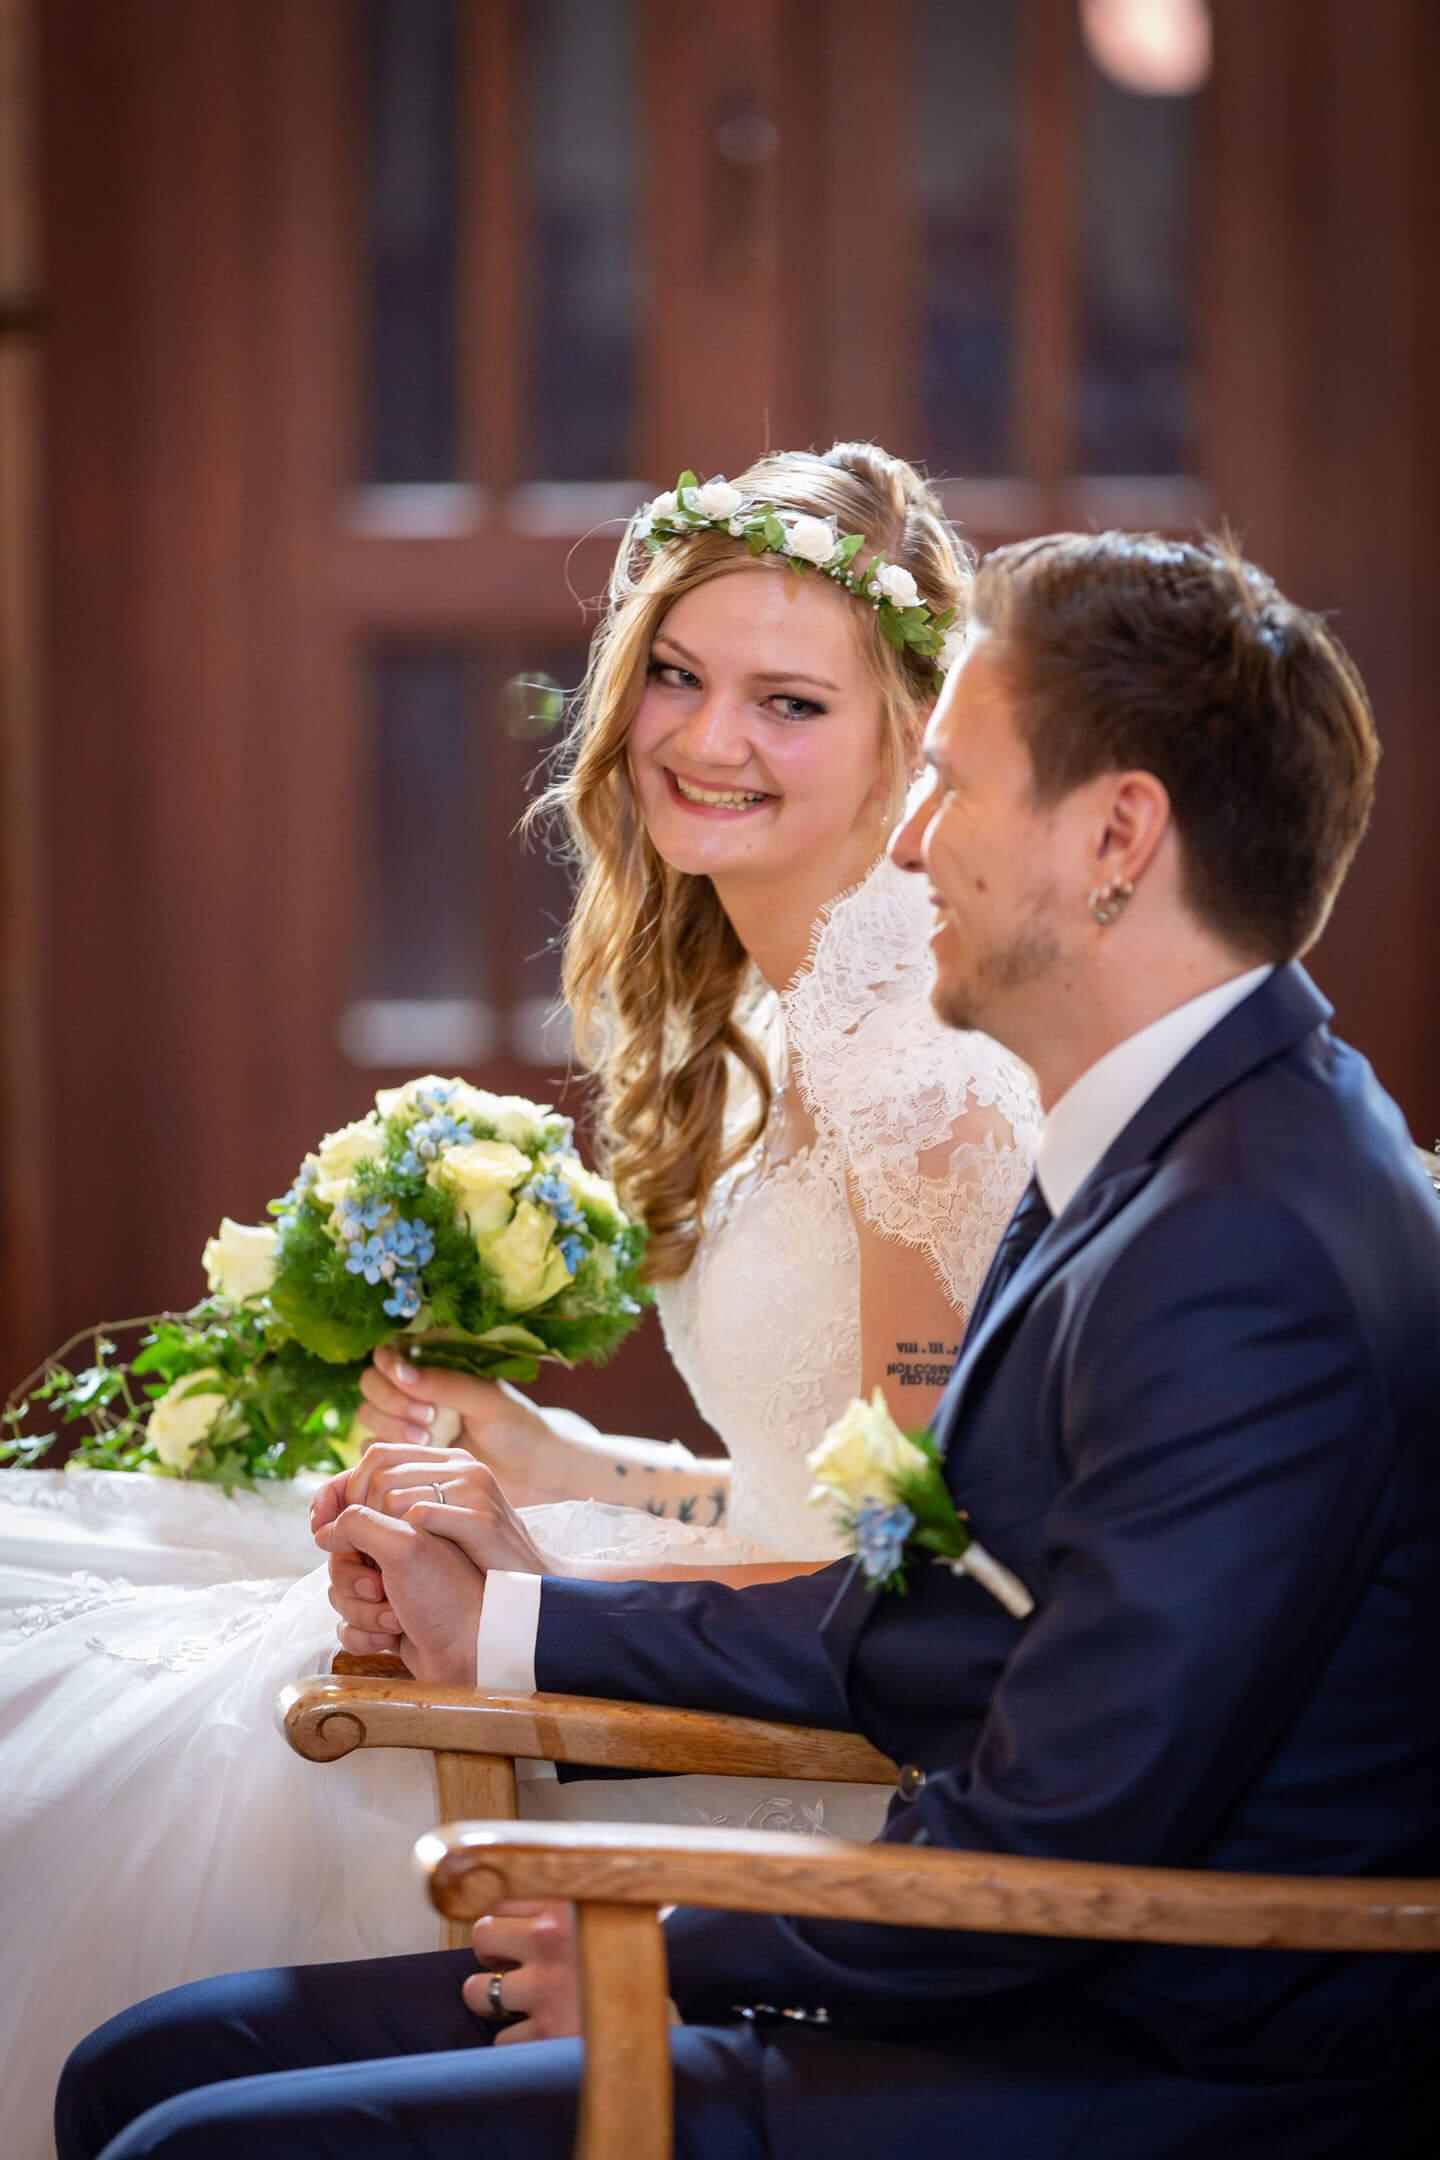 Braut schaut Bräutigam verliebt an während der Trauungszeremonie